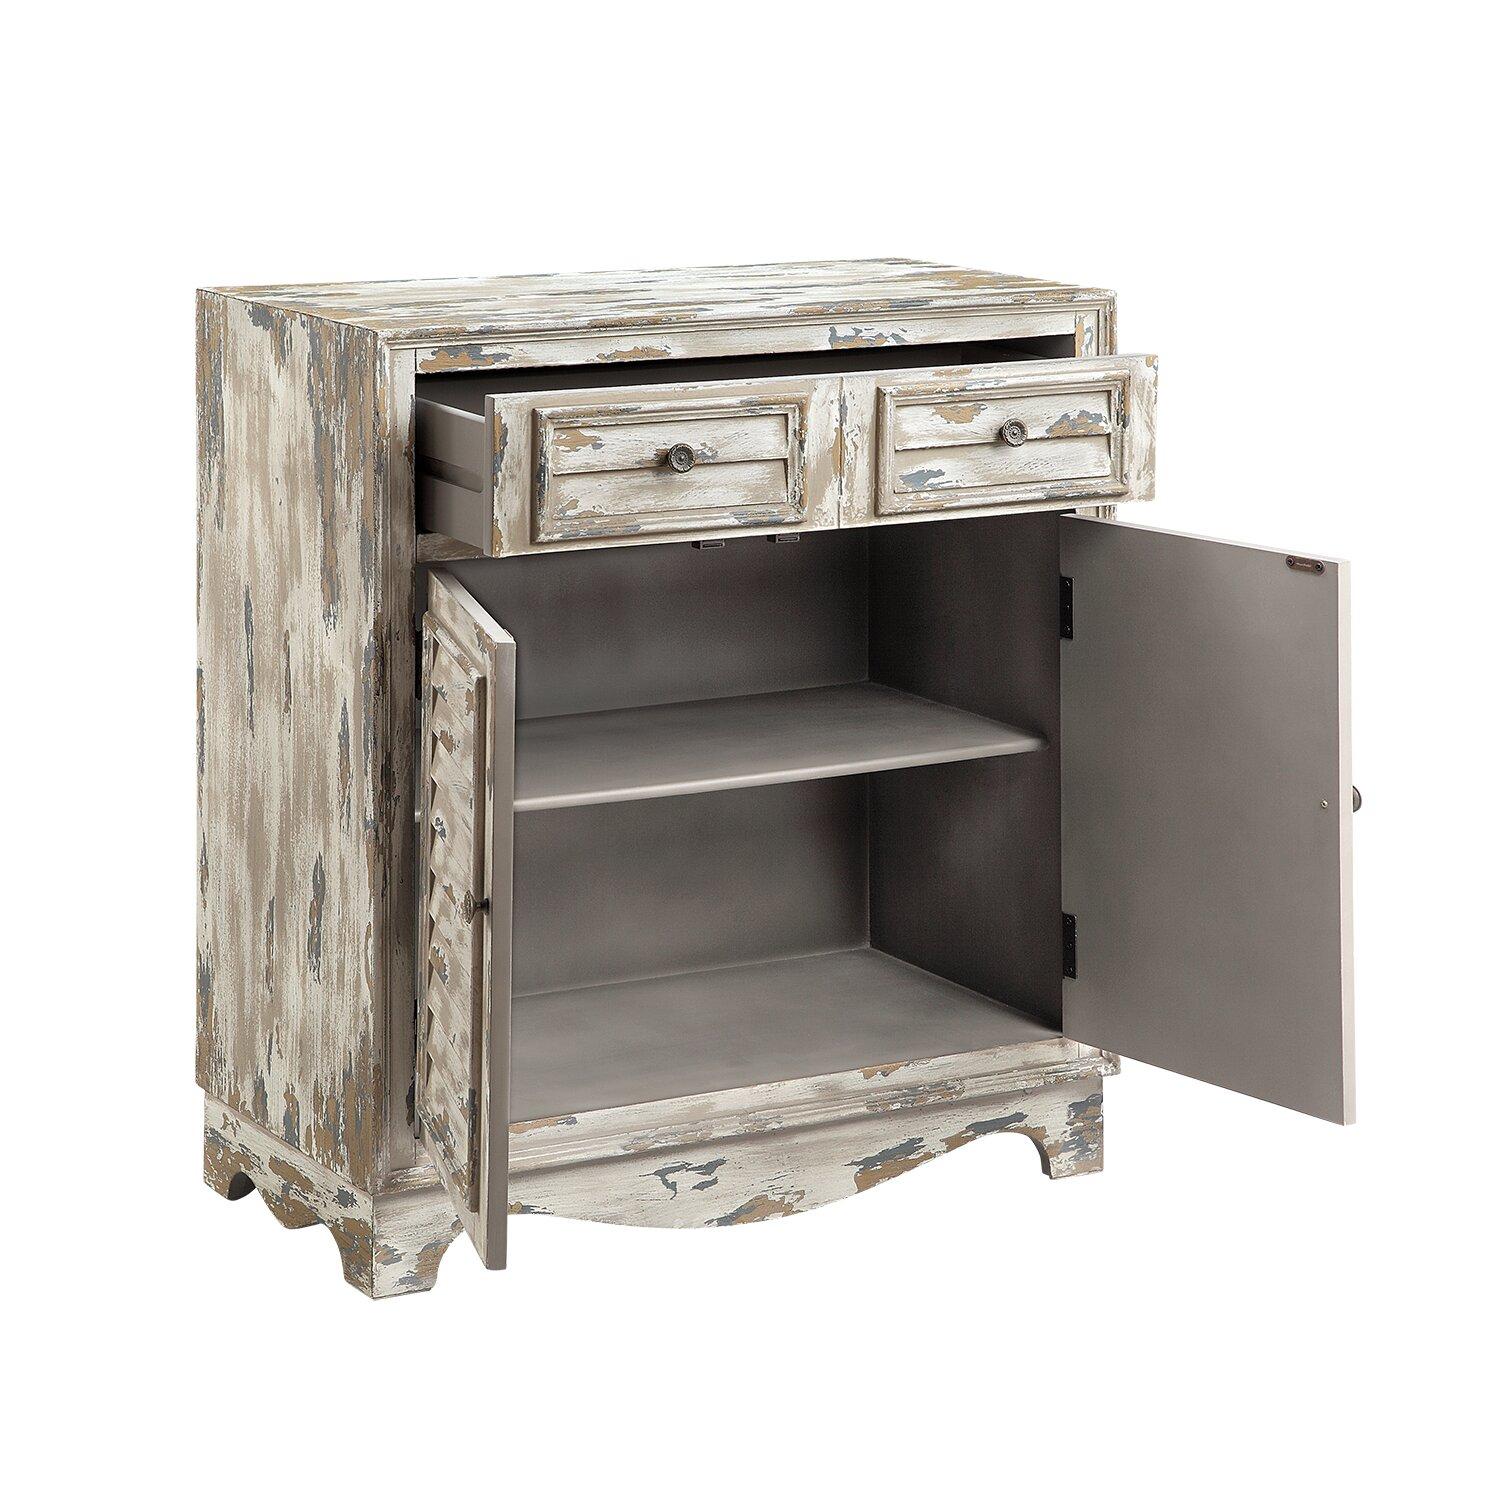 Beachcrest home patchoque 2 door 1 drawer accent cabinet for 1 drawer 2 door cabinet